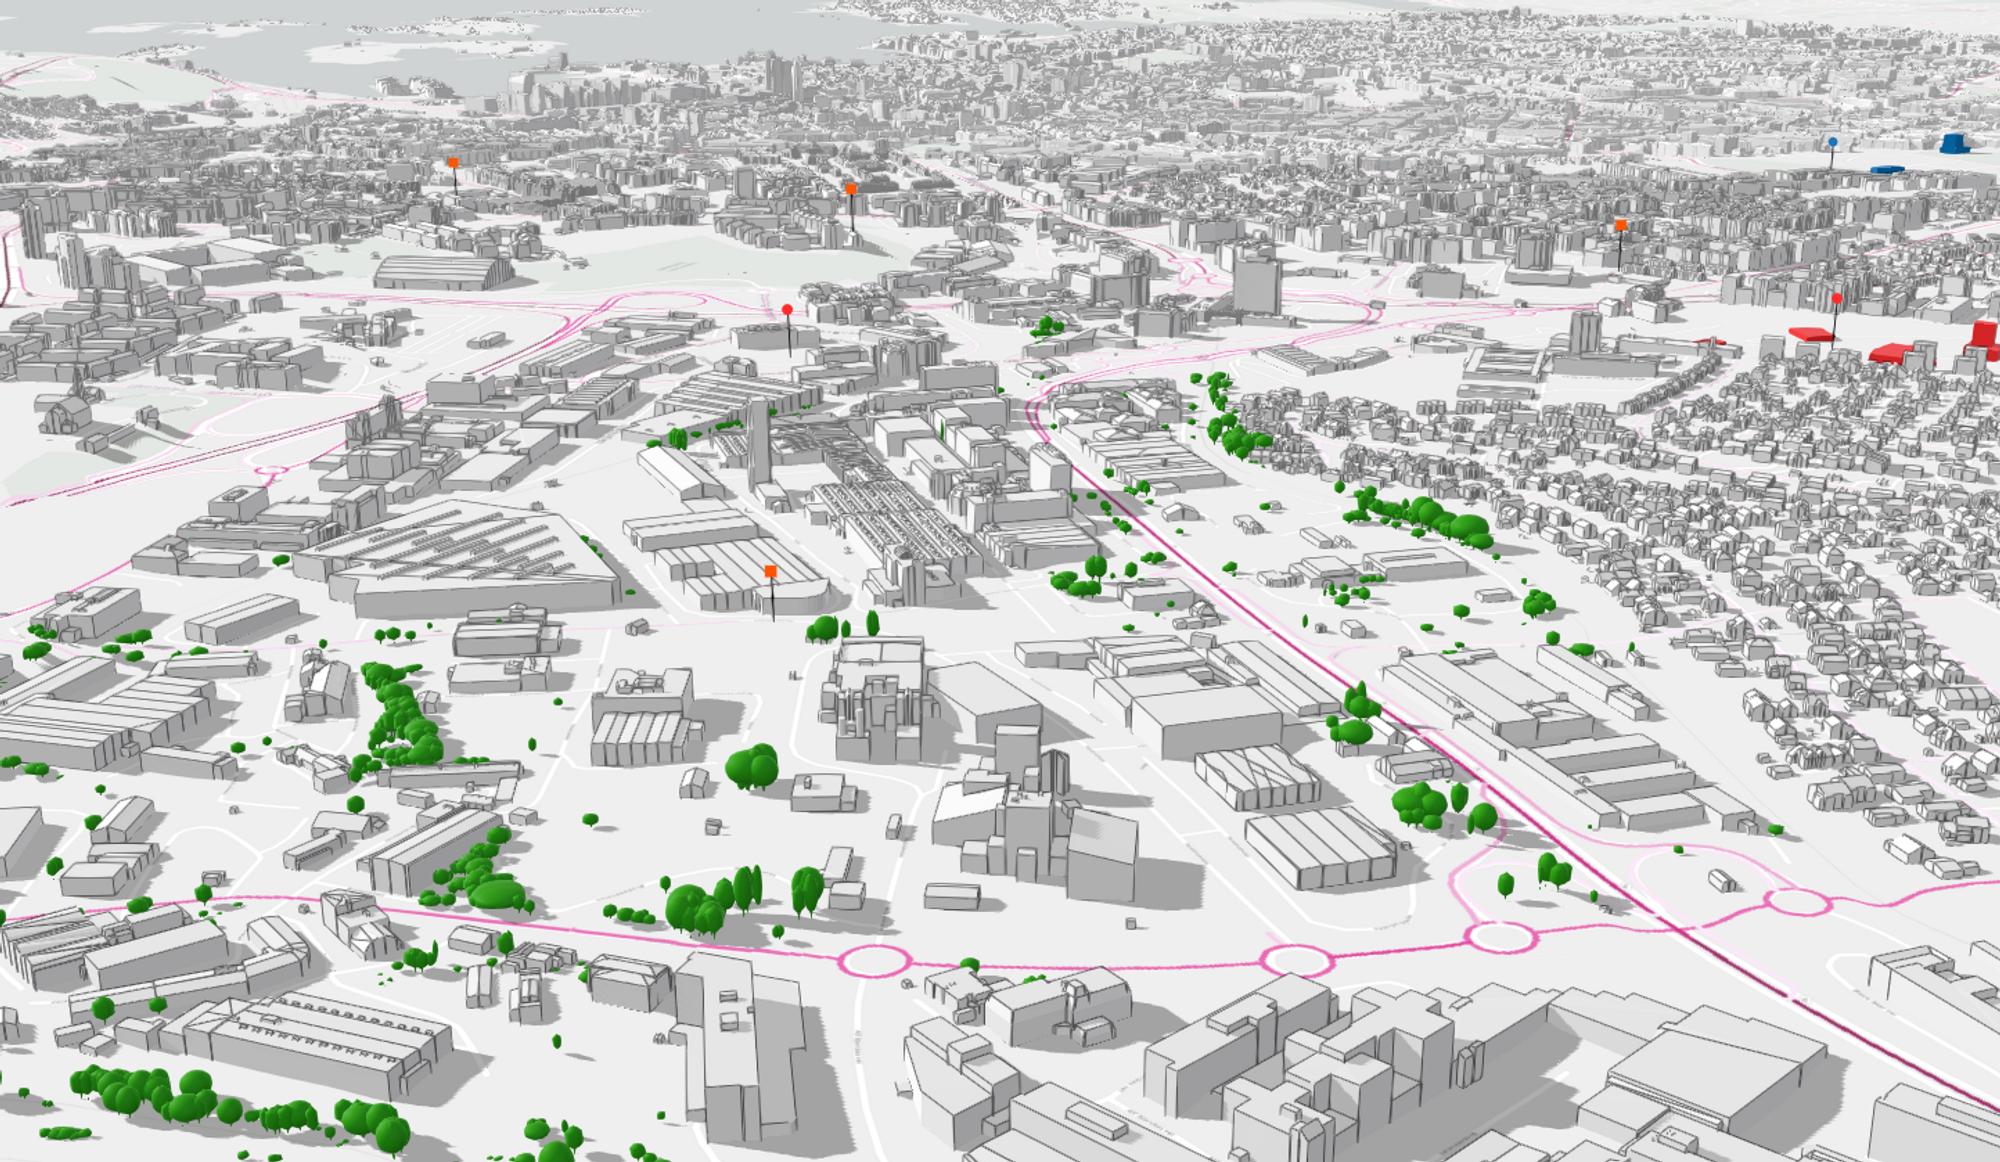 ANNONSE: Vil du lære mer om datadrevet by- og eiendomsutvikling?